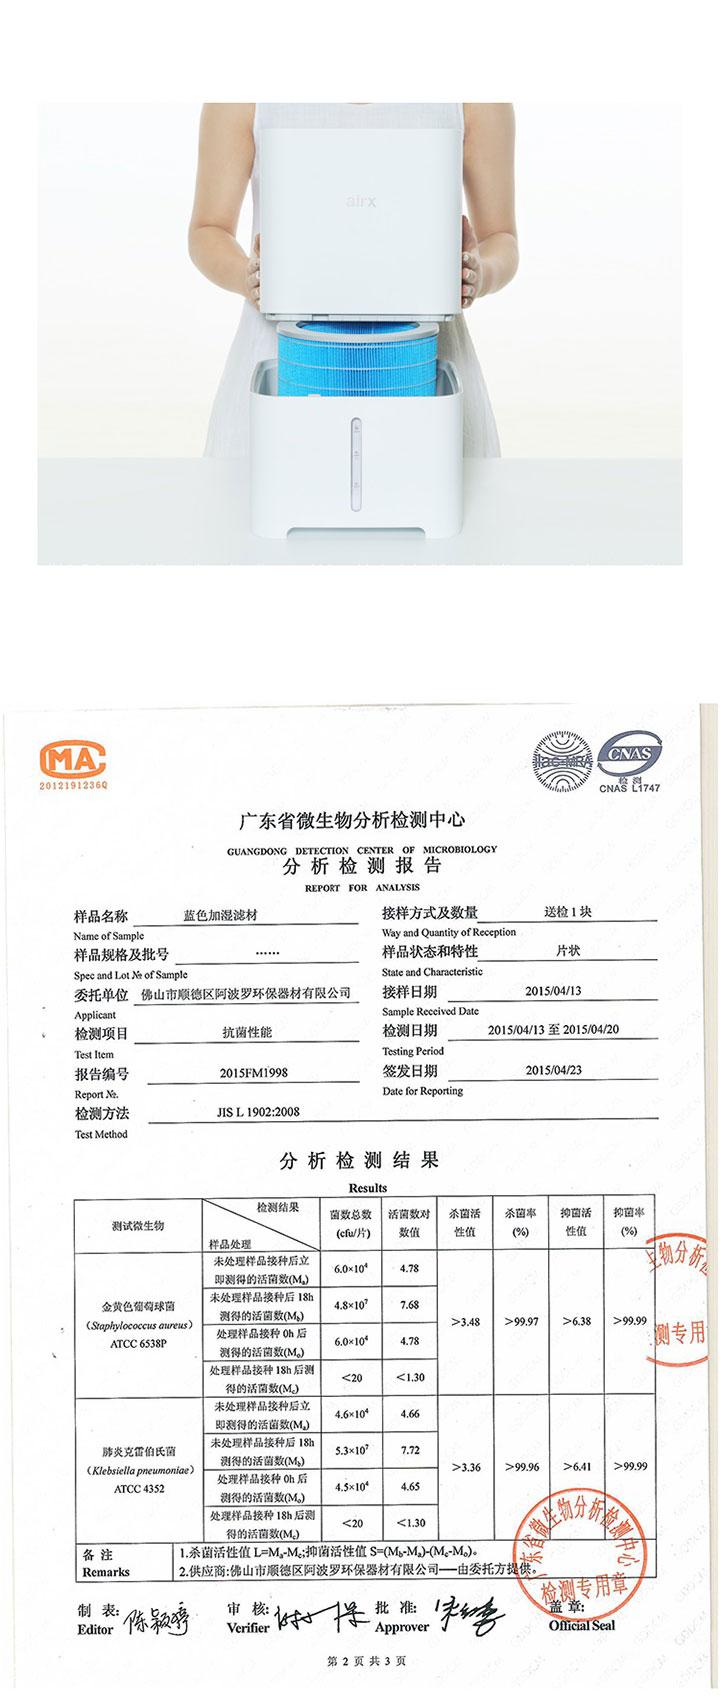 airx 50度湿加湿器免费试用,评测